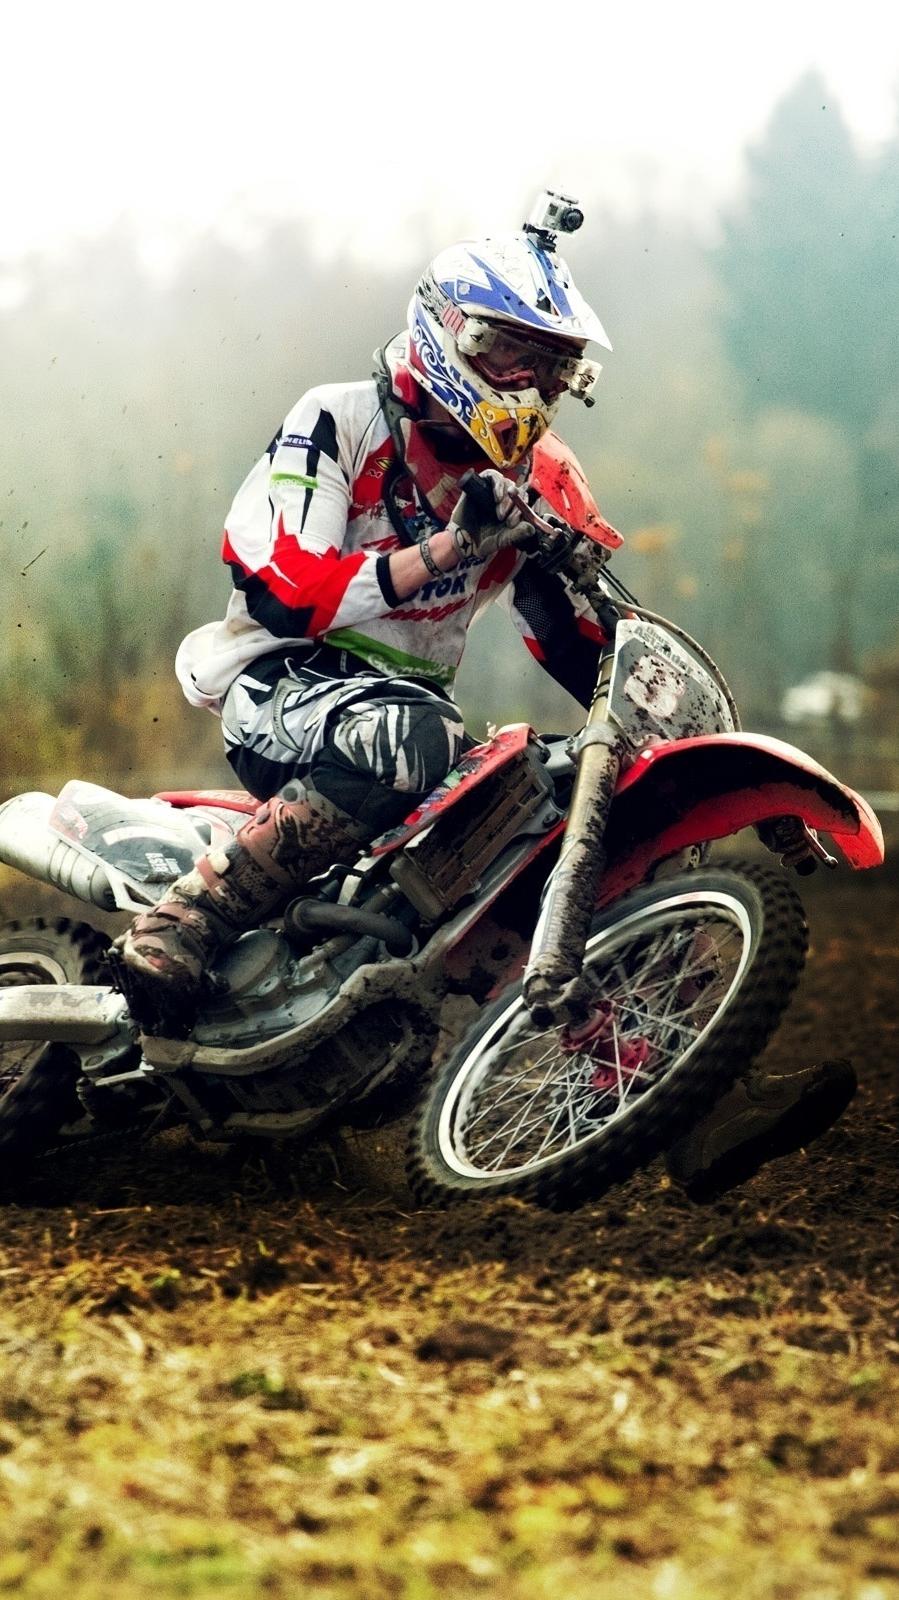 Biker Wallpaper Quotes Mud Motocross Iphone Wallpaper Iphone Wallpapers